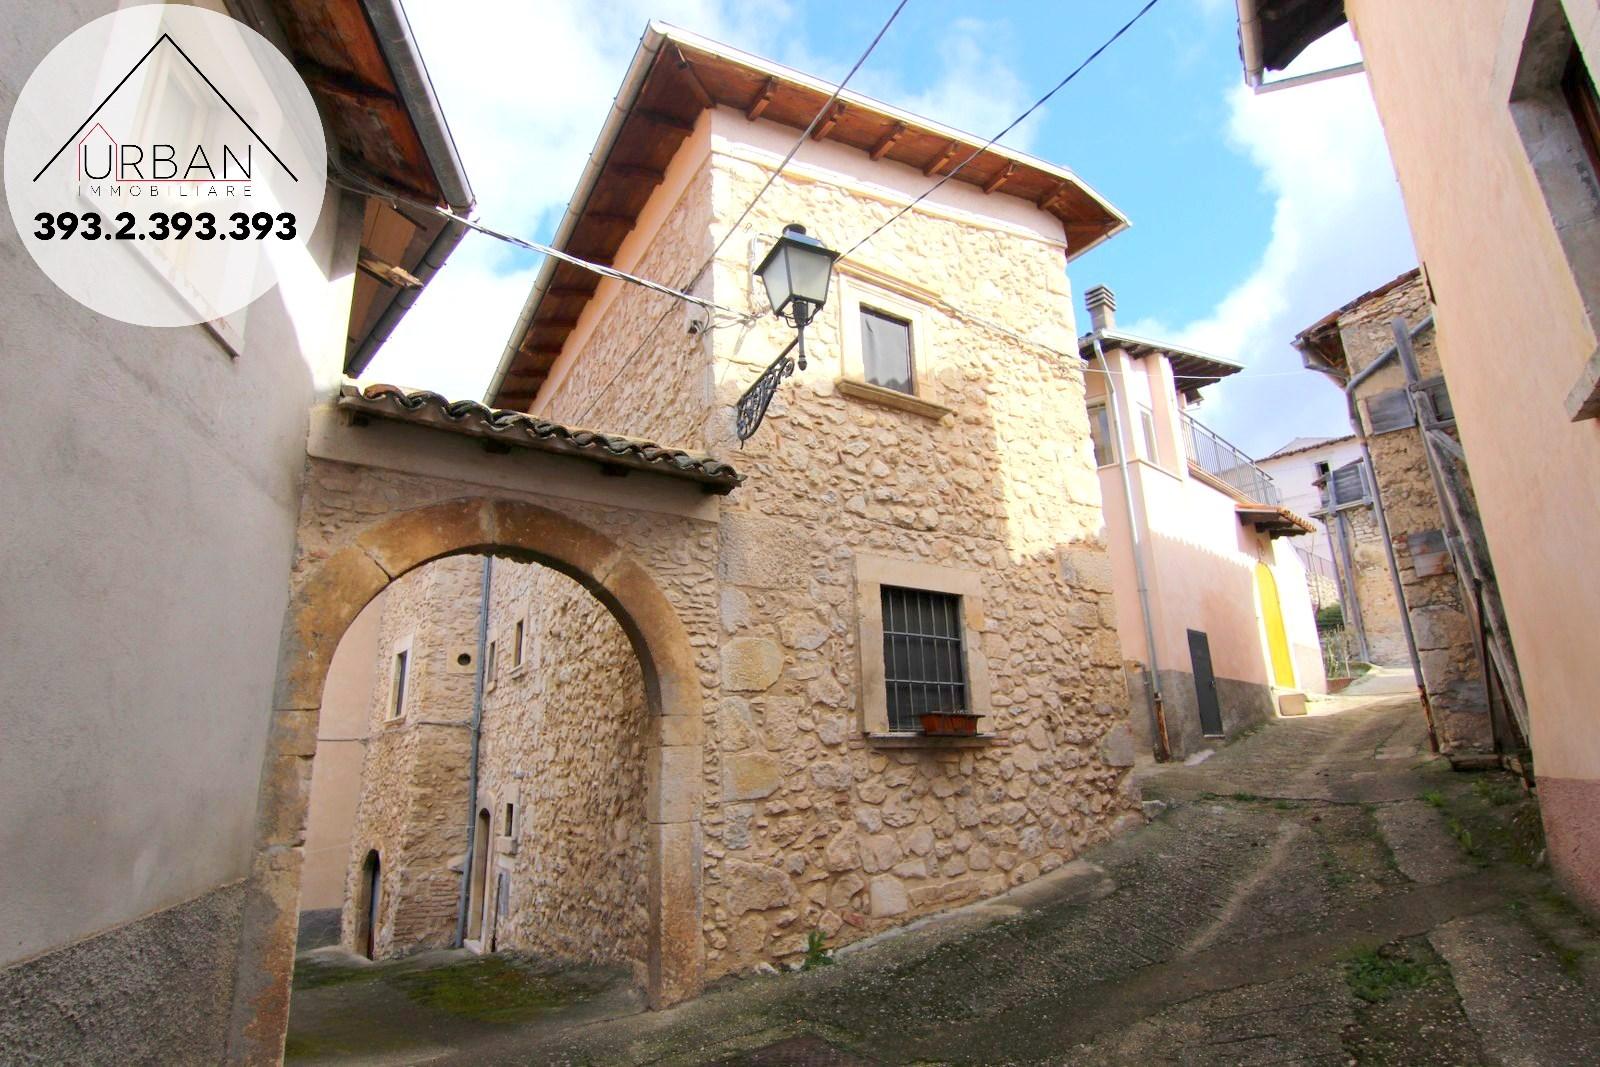 SAN DEMETRIO NE' VESTINI (AQ) - Via San Giovanni